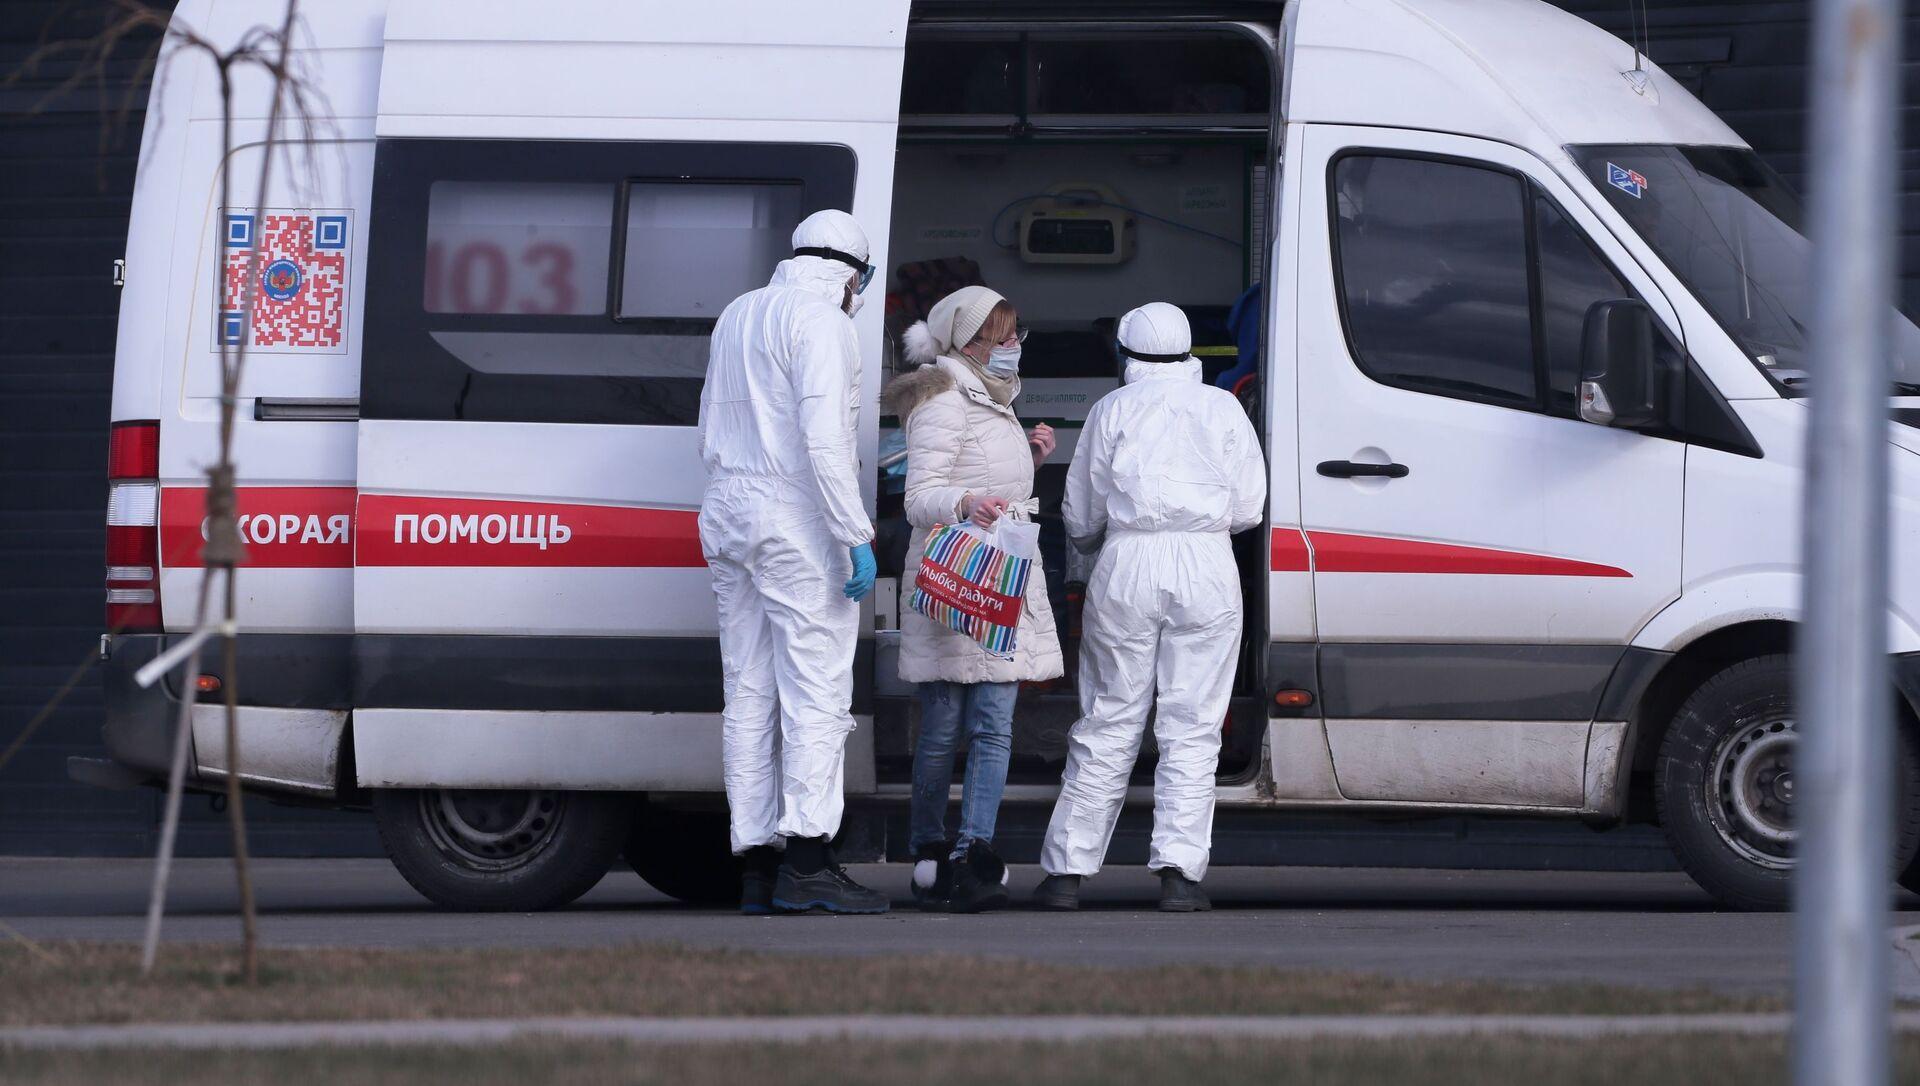 Врачи скорой медицинской помощи доставили пациента с подозрением на коронавирус в больницу в Коммунарке - Sputnik Южная Осетия, 1920, 09.10.2021